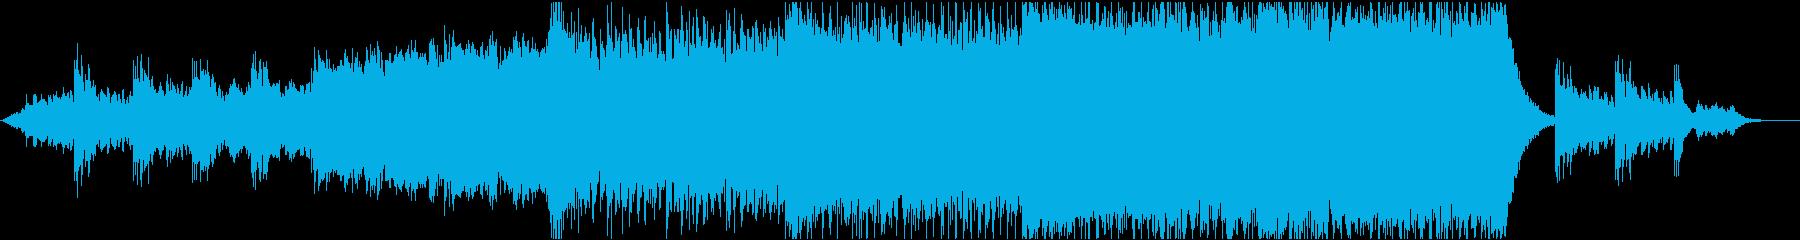 開放感たっぷり壮大シネマチックポップ2の再生済みの波形